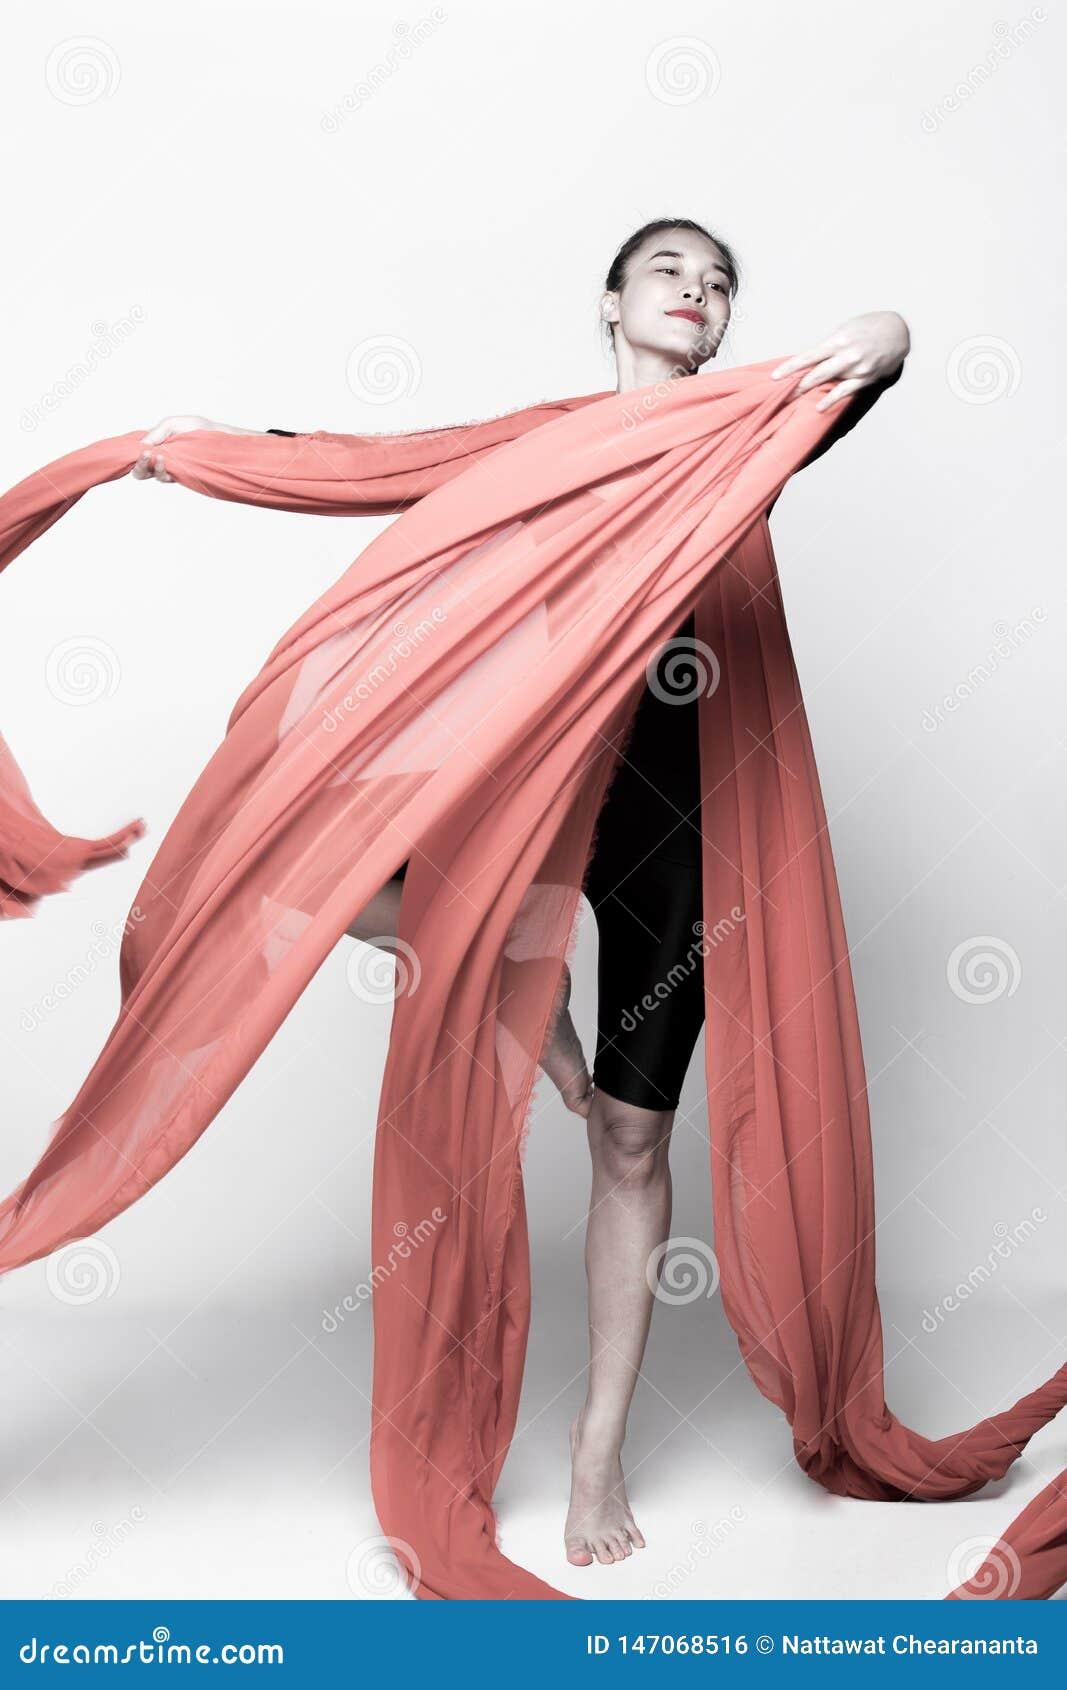 Ρίψη του διαφανούς υφάσματος ροής στη γυναίκα αέρα